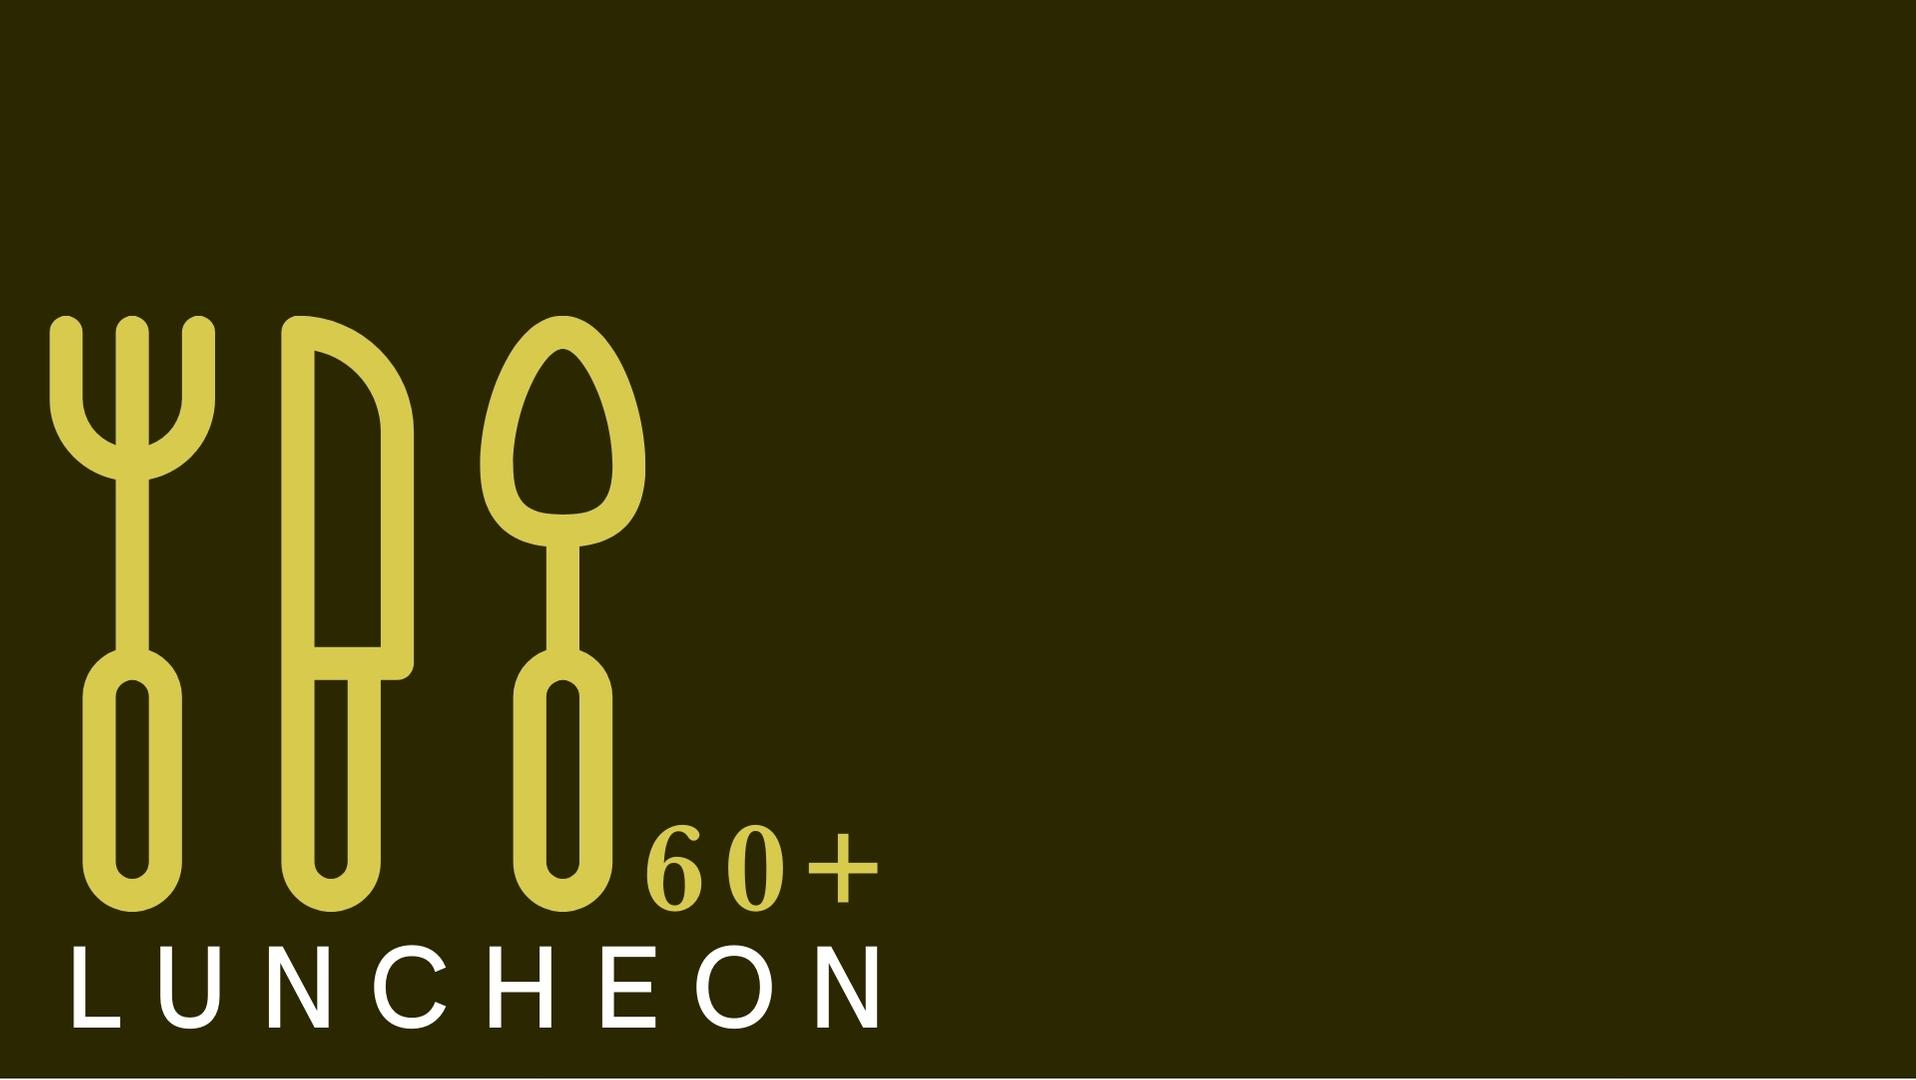 60+ Luncheon